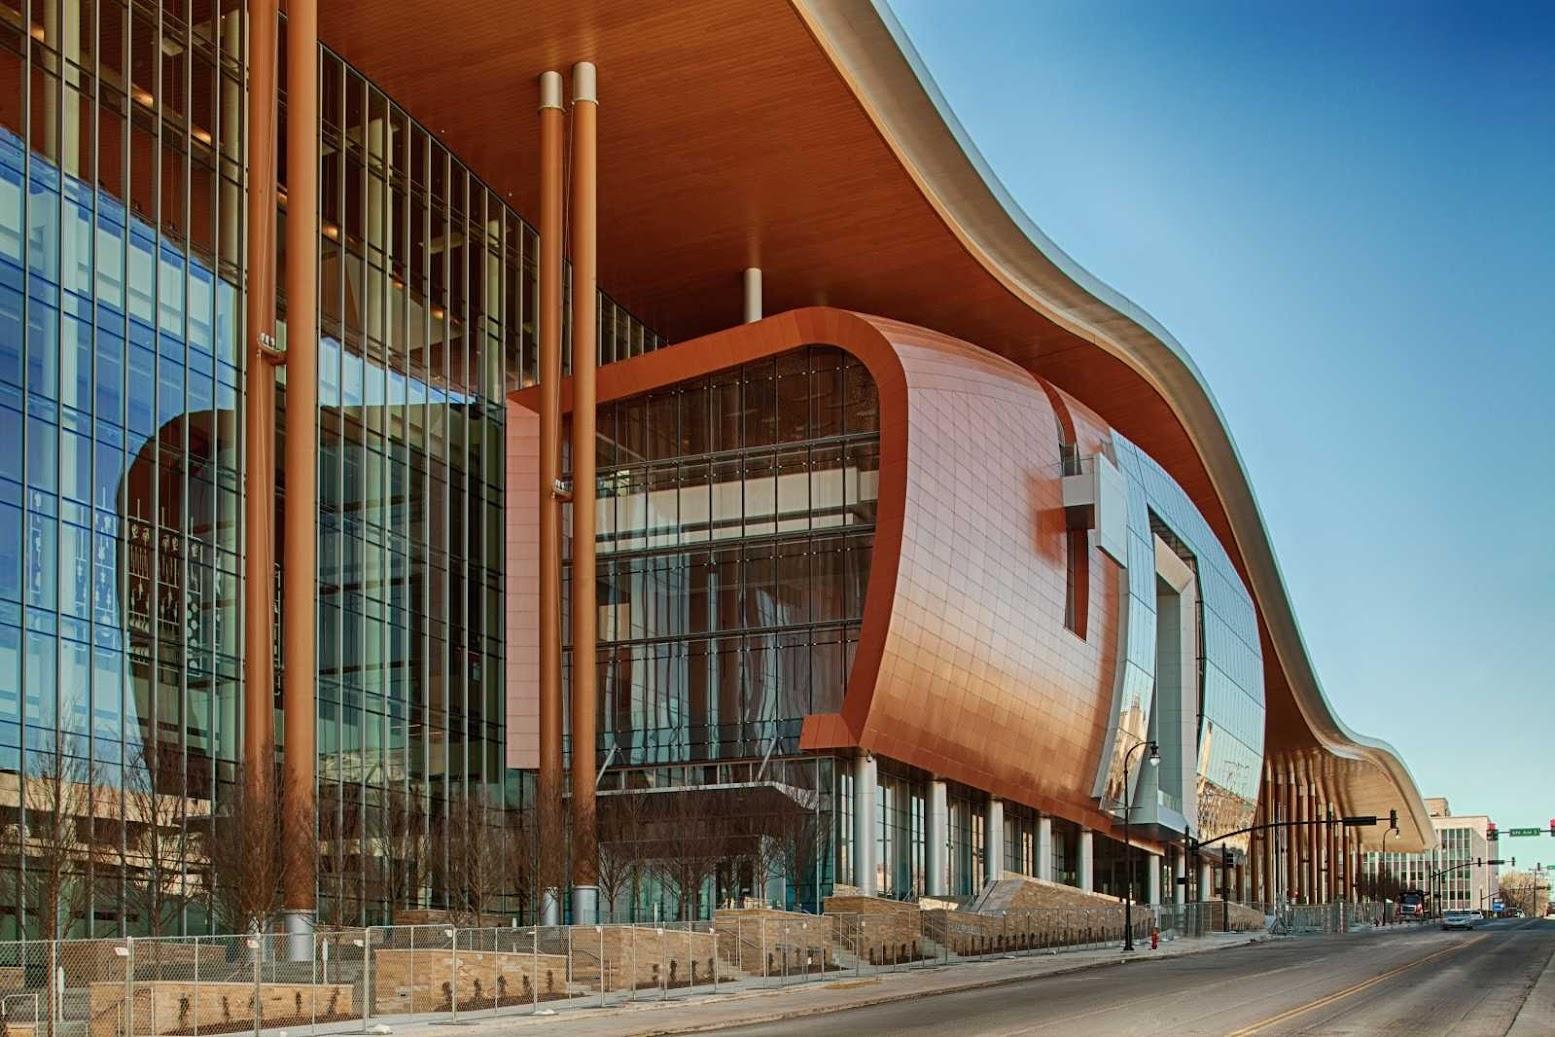 Unusual Architecture: Arts Center